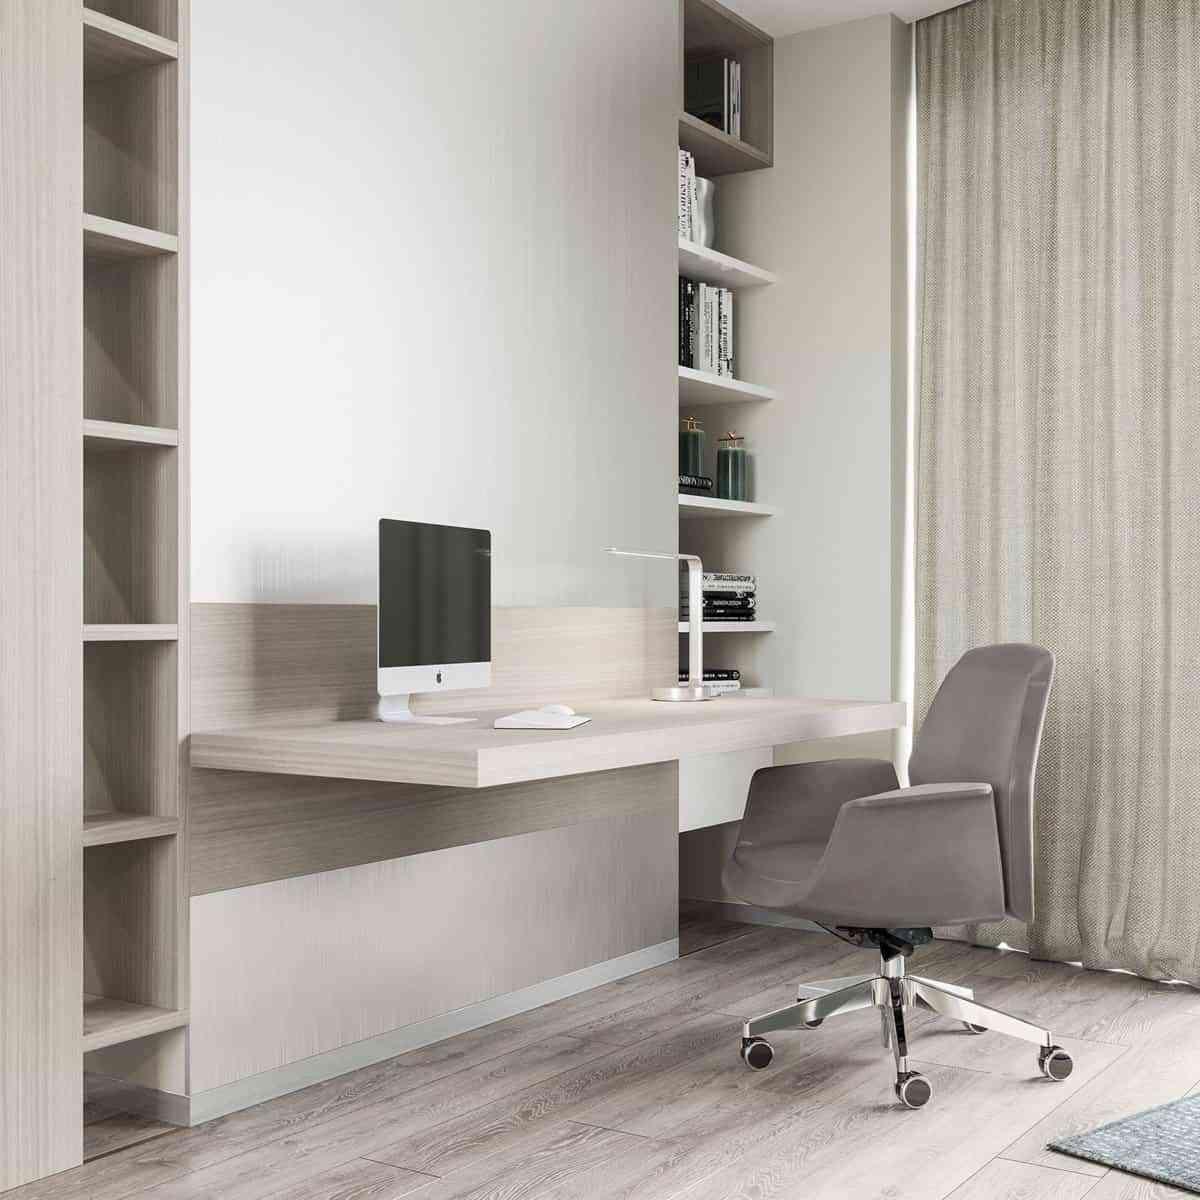 20 mẫu thiết kế văn phòng đơn giản - vp